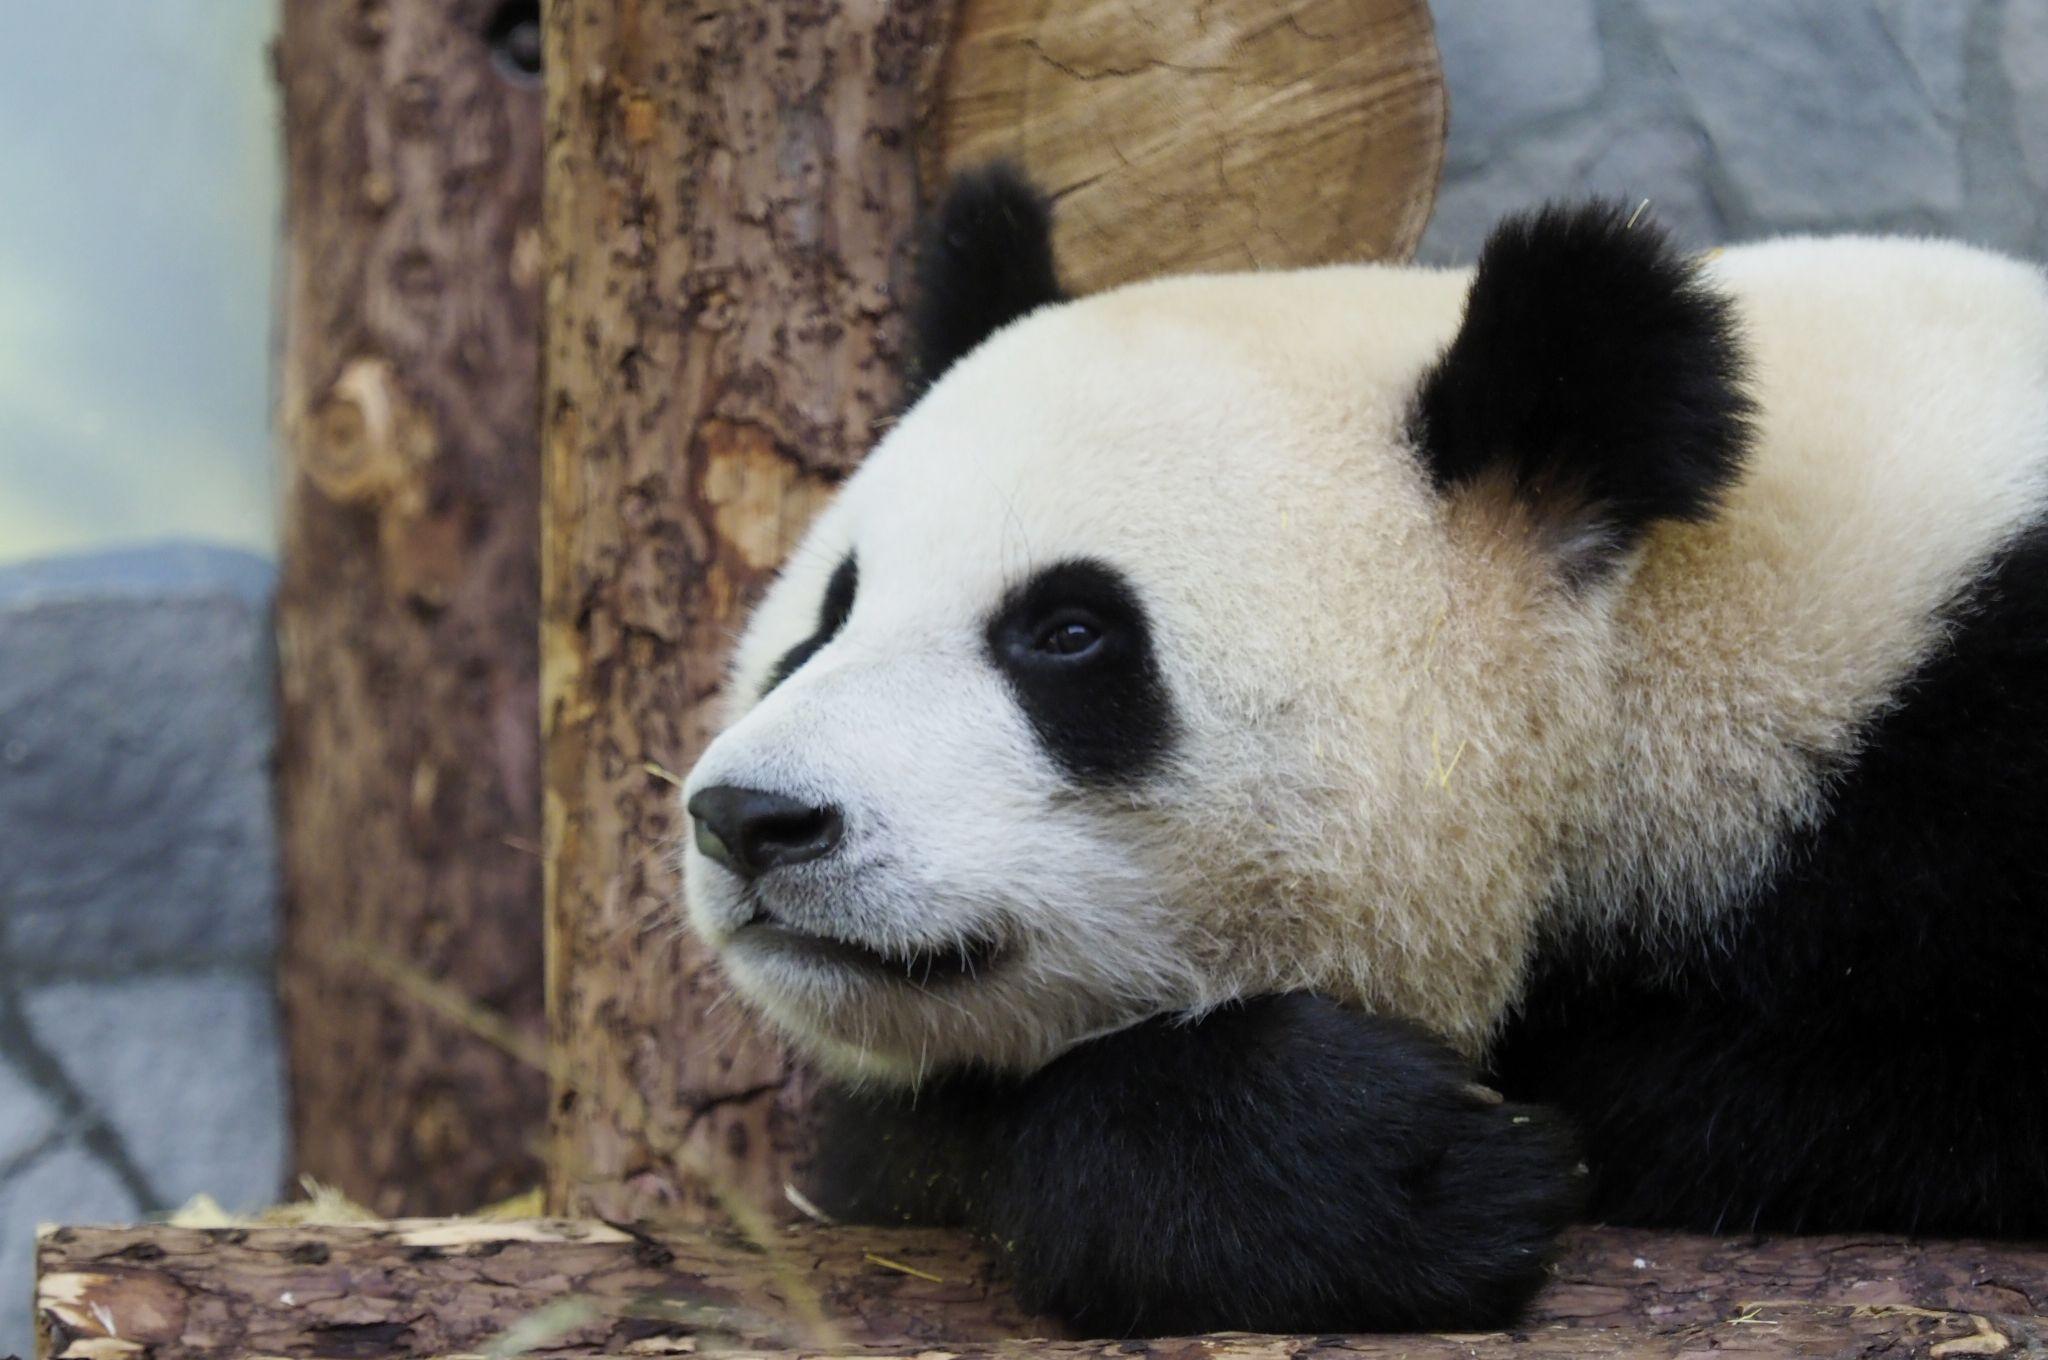 В зоопарке Москвы ожидается «беби-бум» после самоизоляции